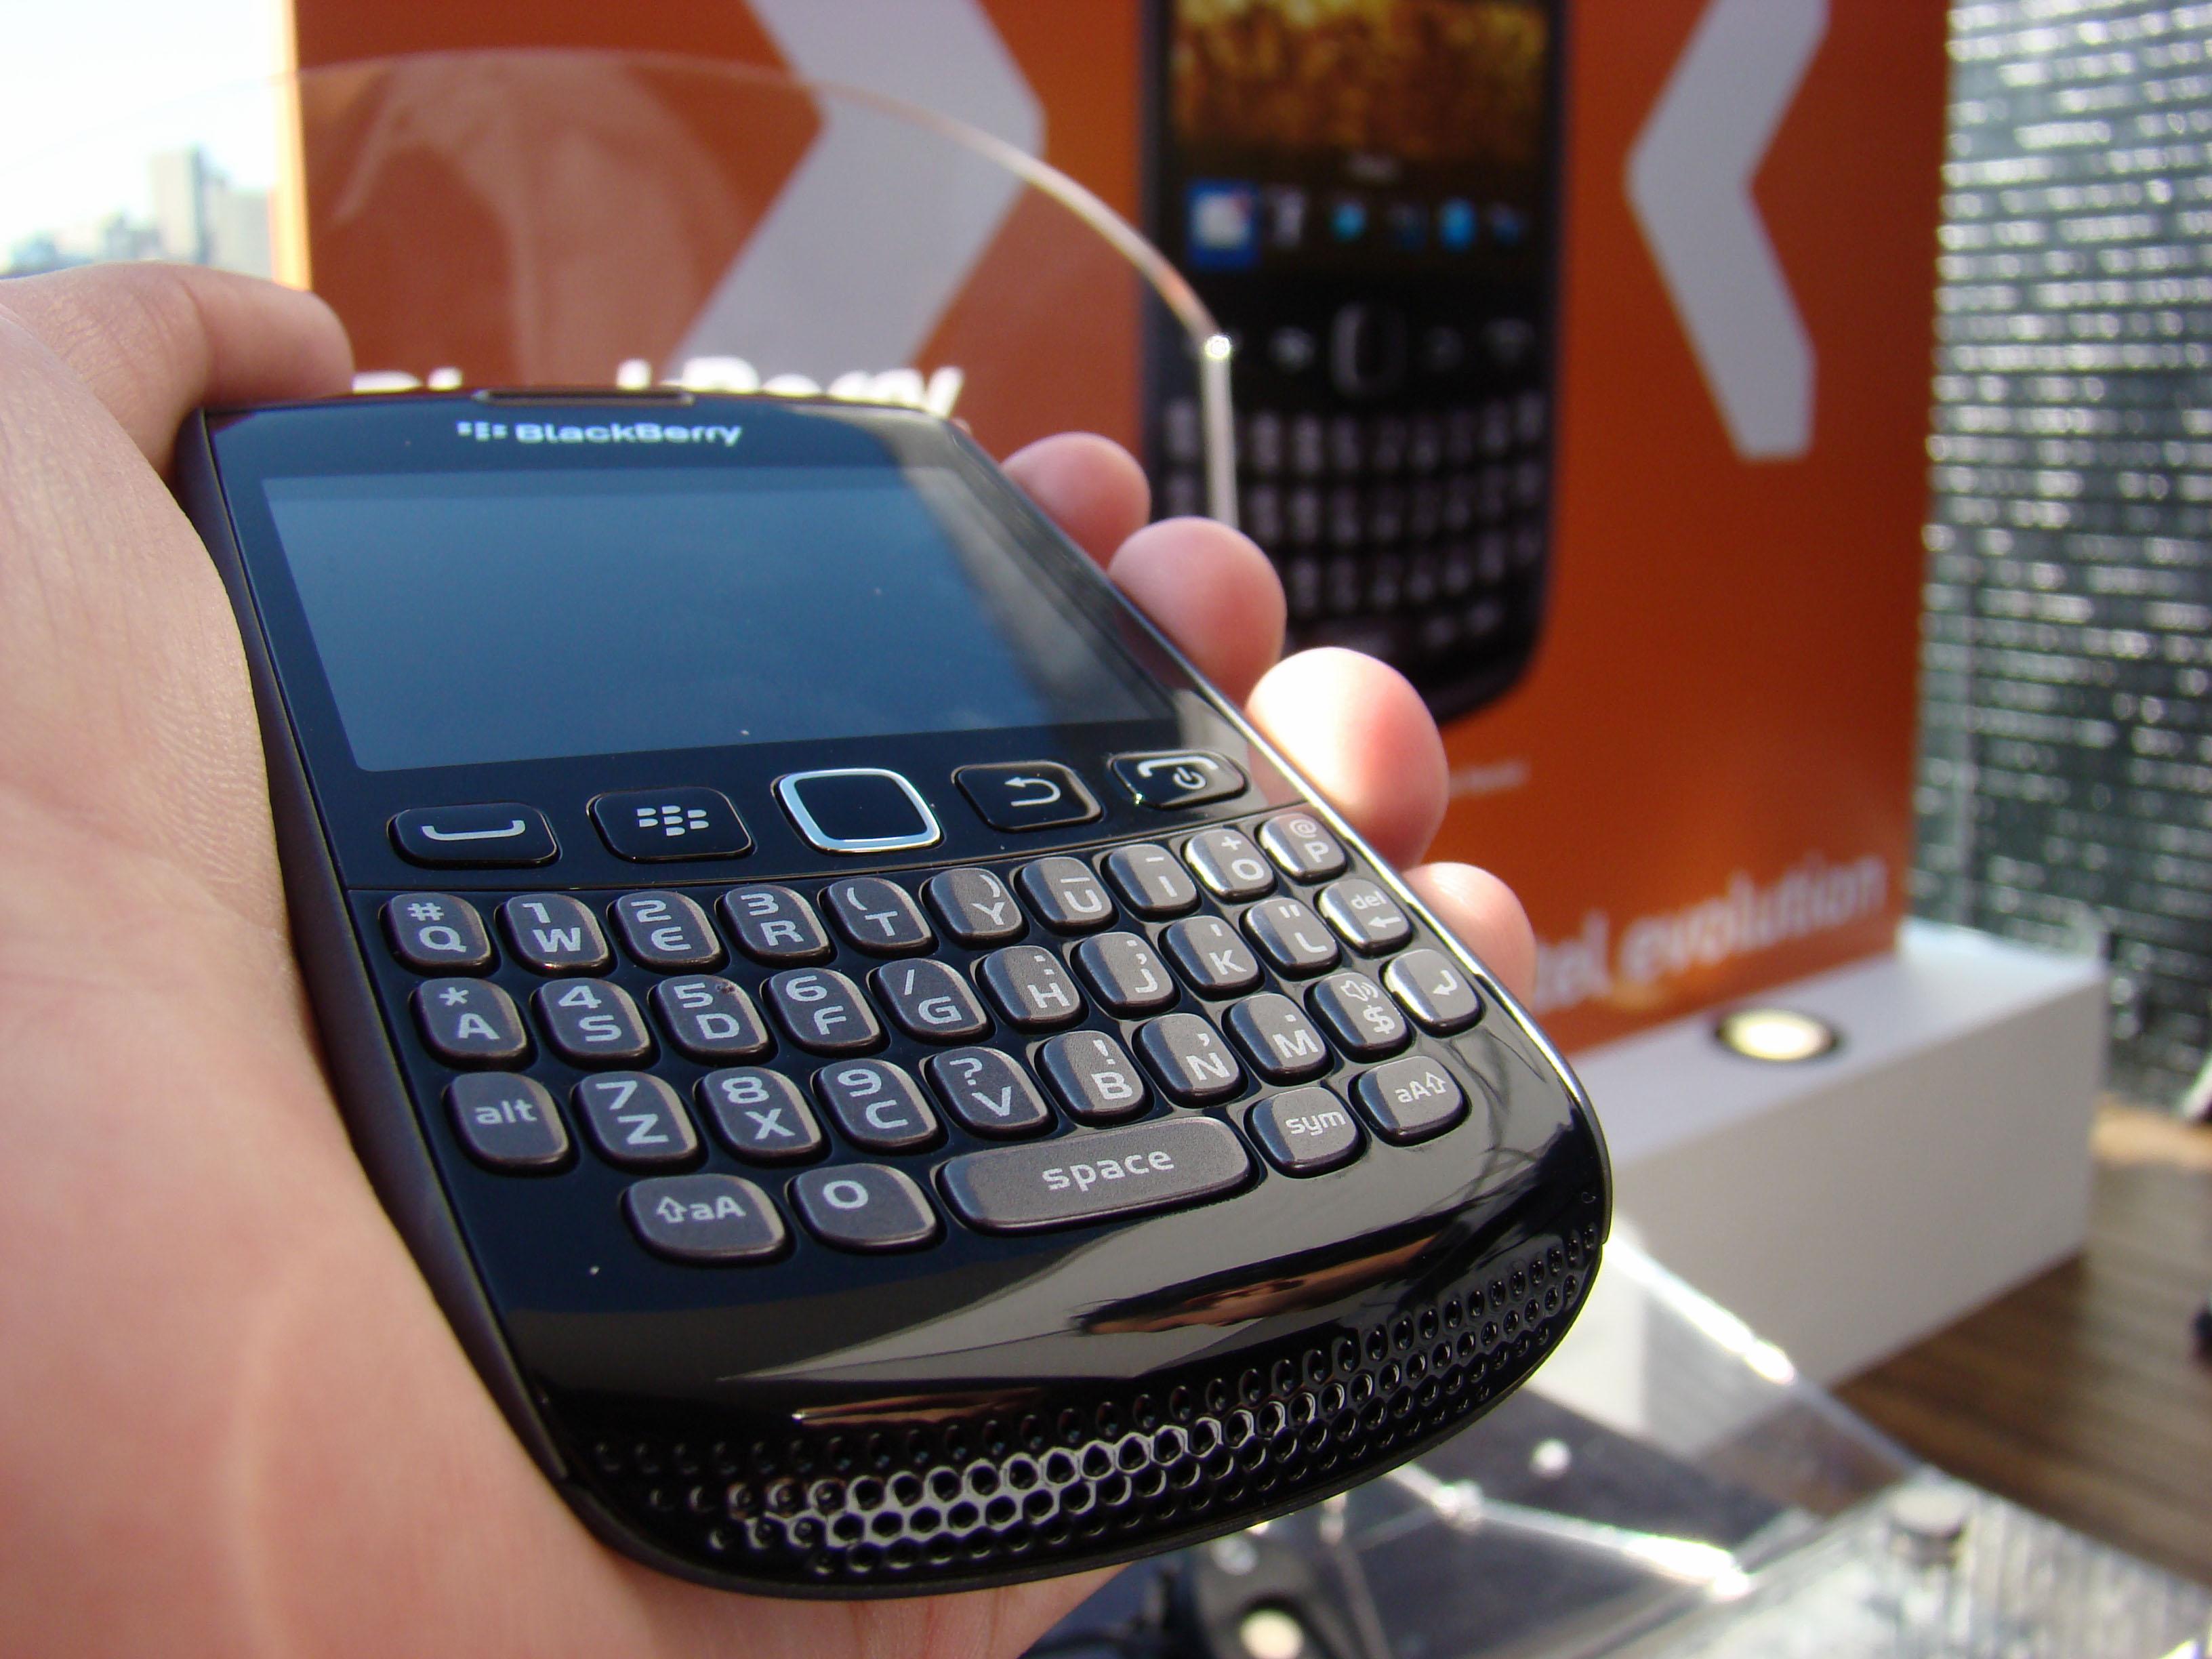 blackberry-nextel-6